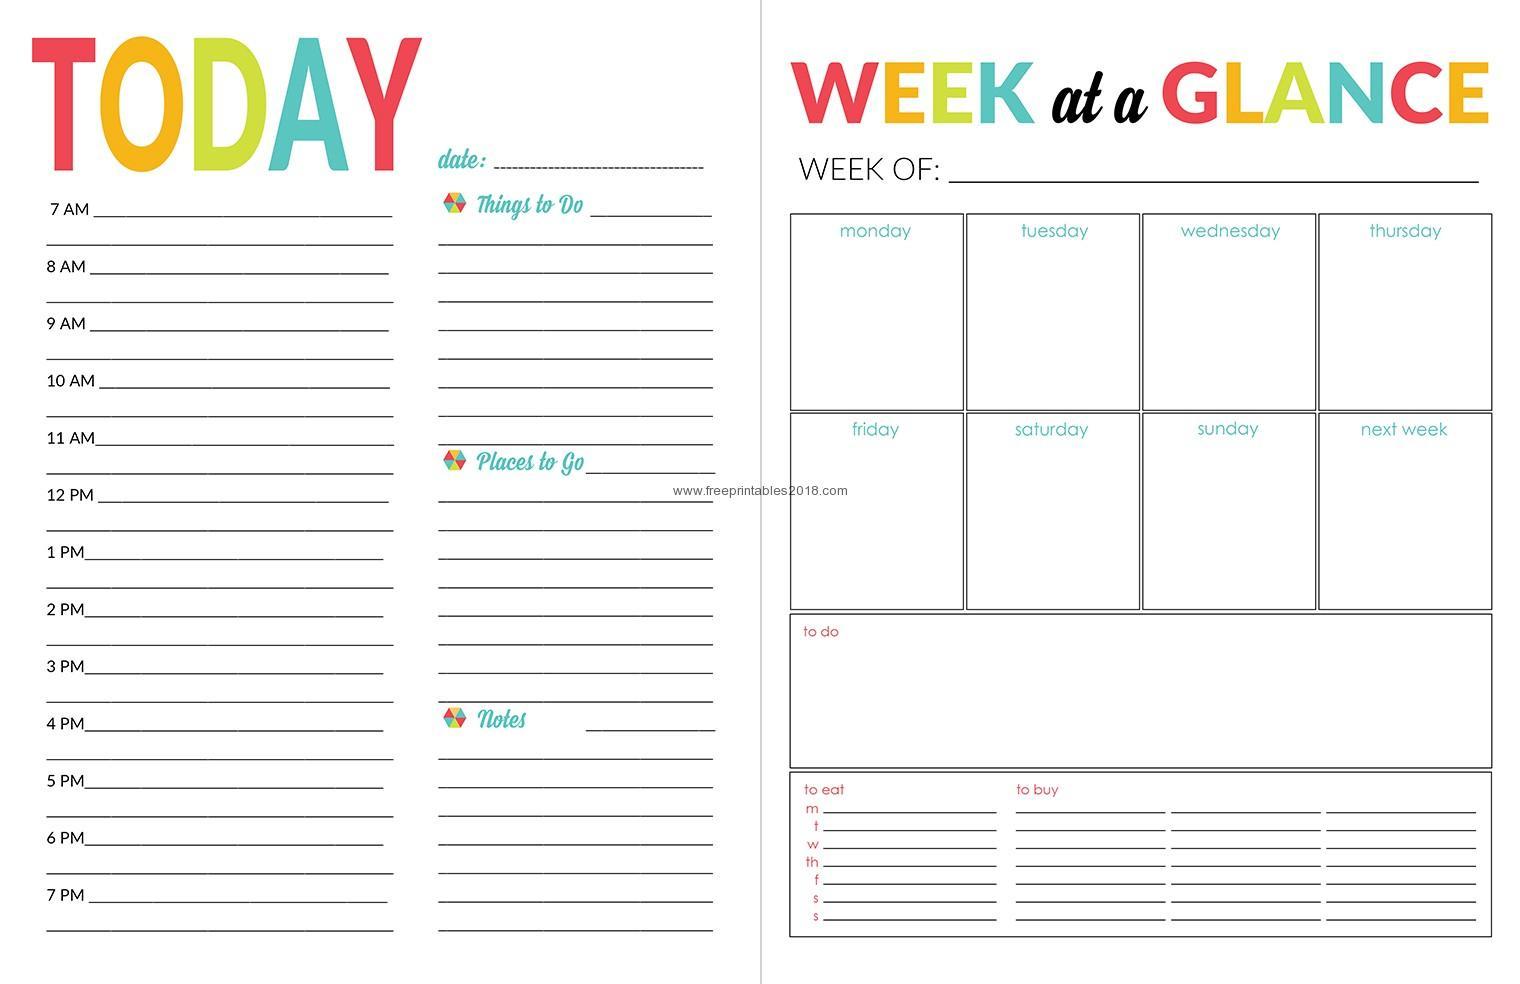 Free Printable Calendar Daily Printable Calendar Daily Planner Blank throughout Daily Planner Printable Calendar Templates